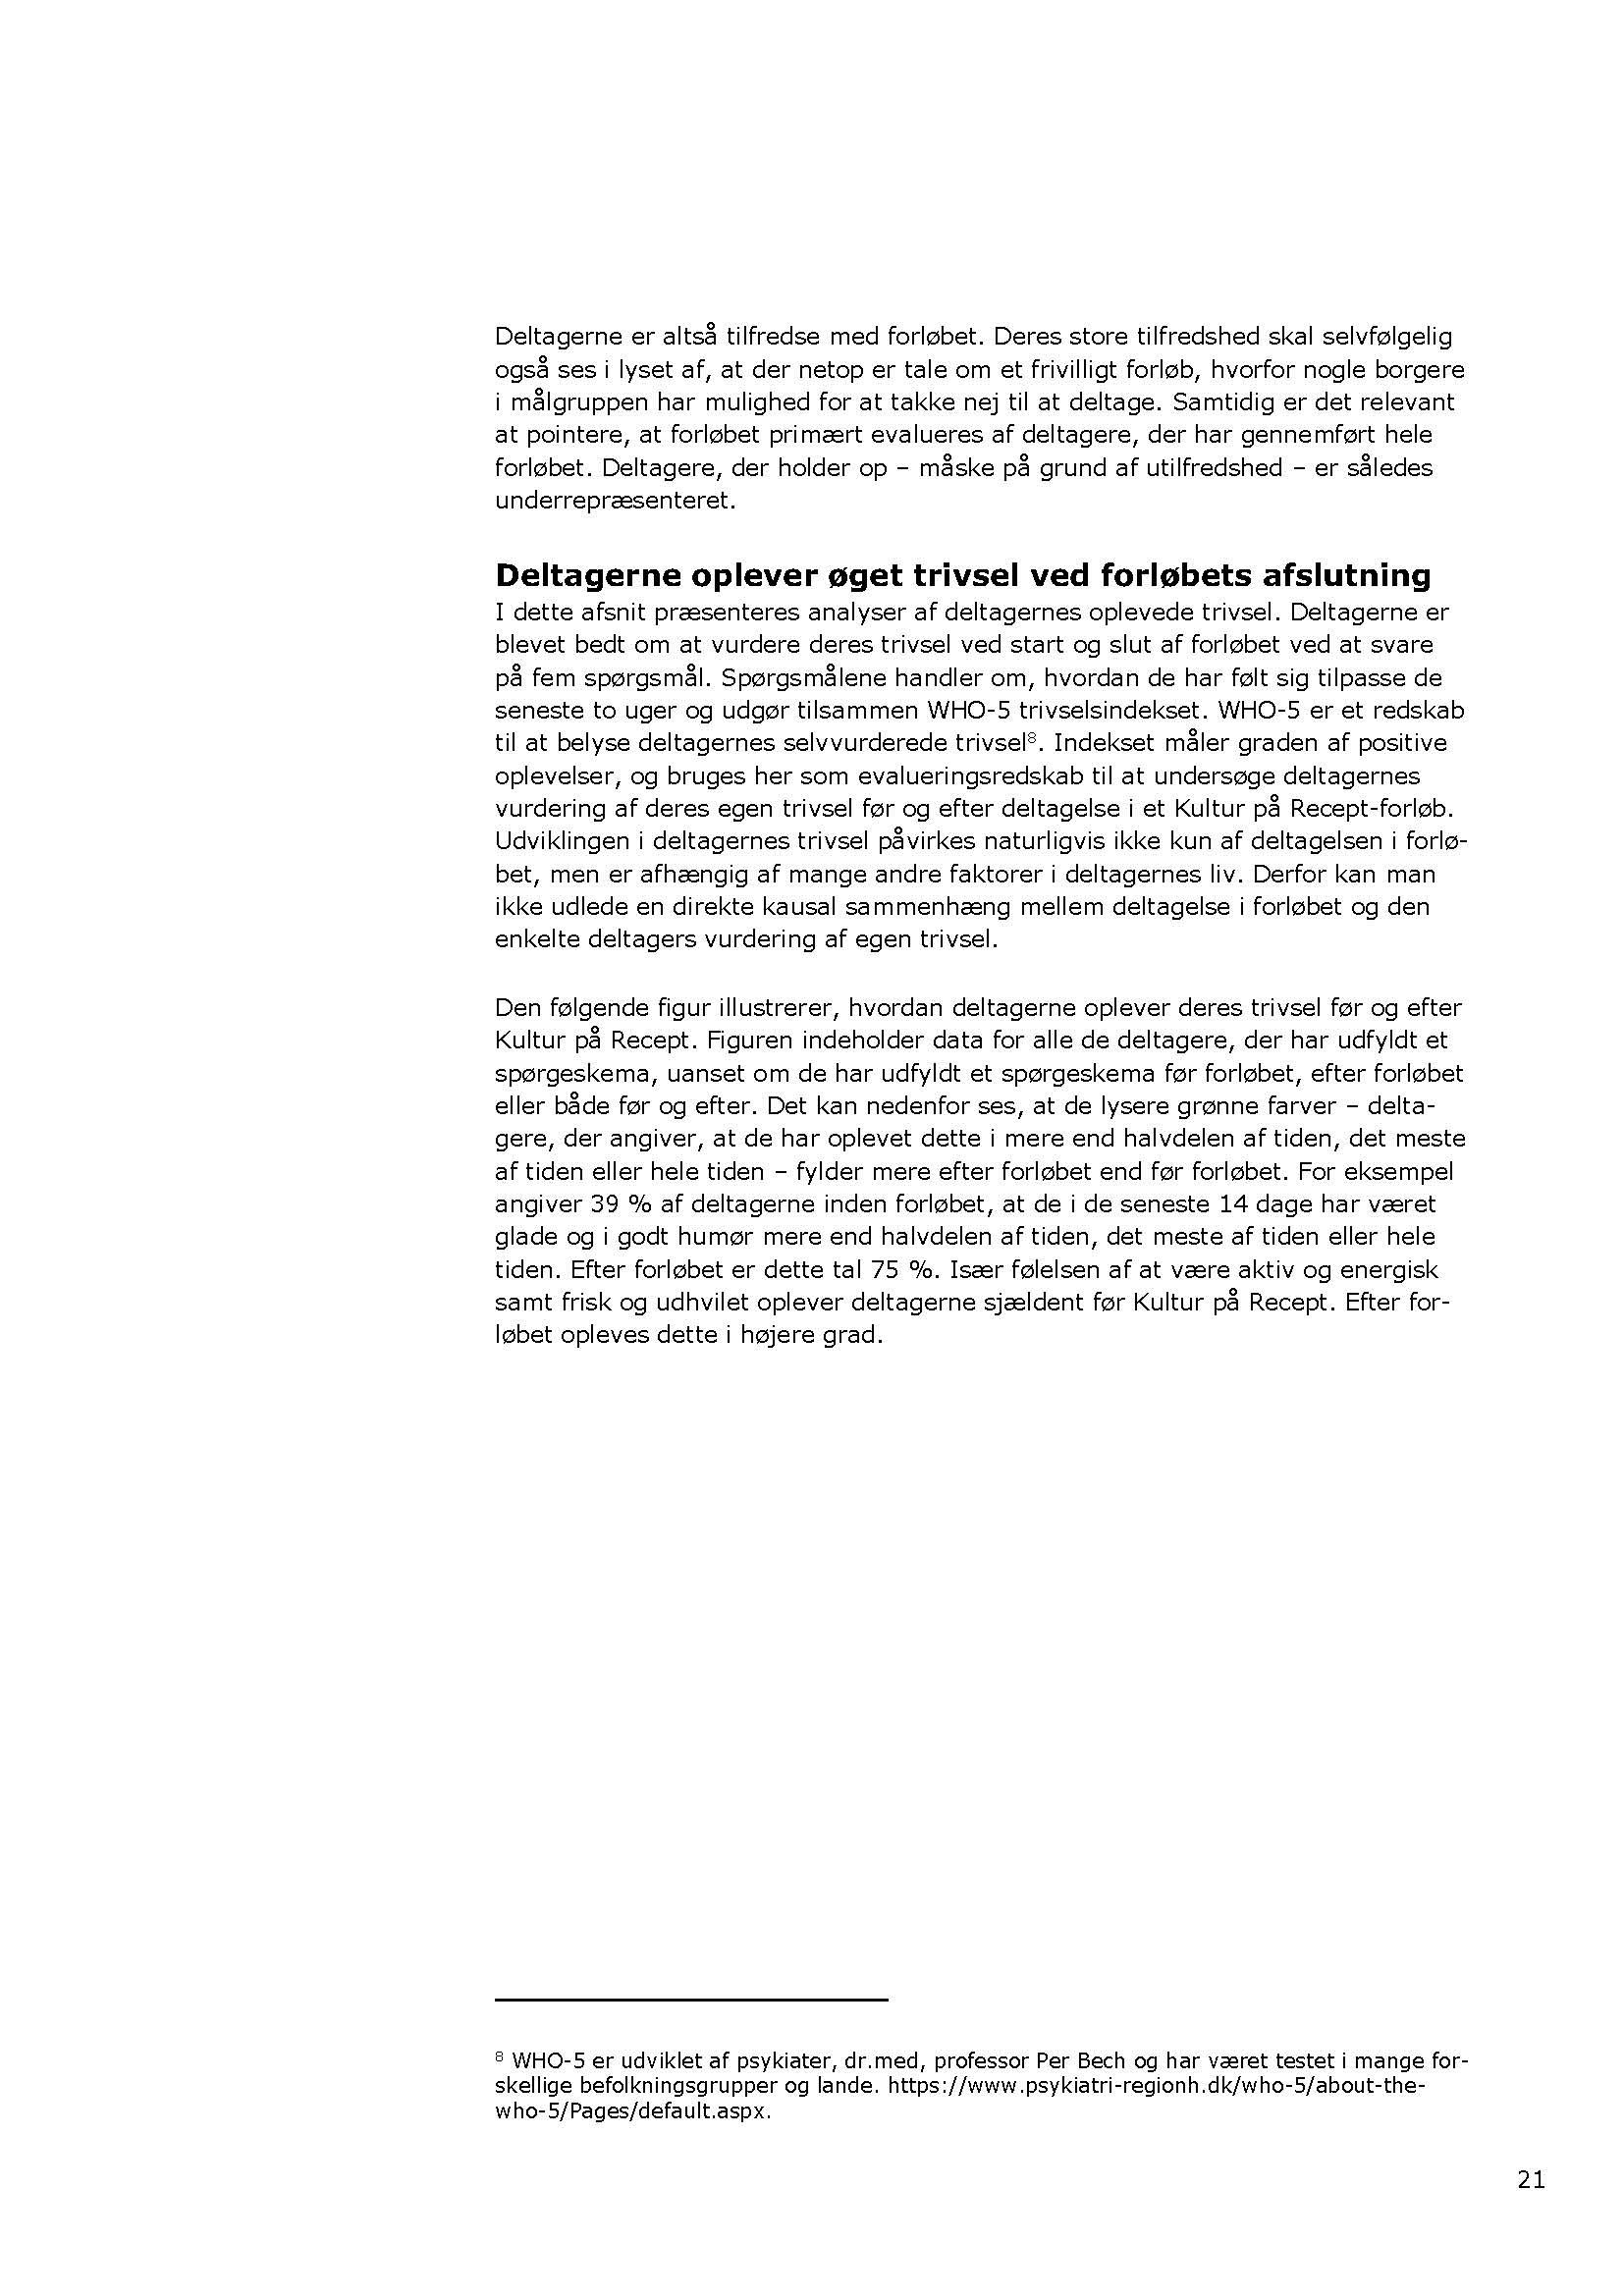 Kultur-paa-recept_tvaergaaende-evaluering_foraar-2020_Page_21